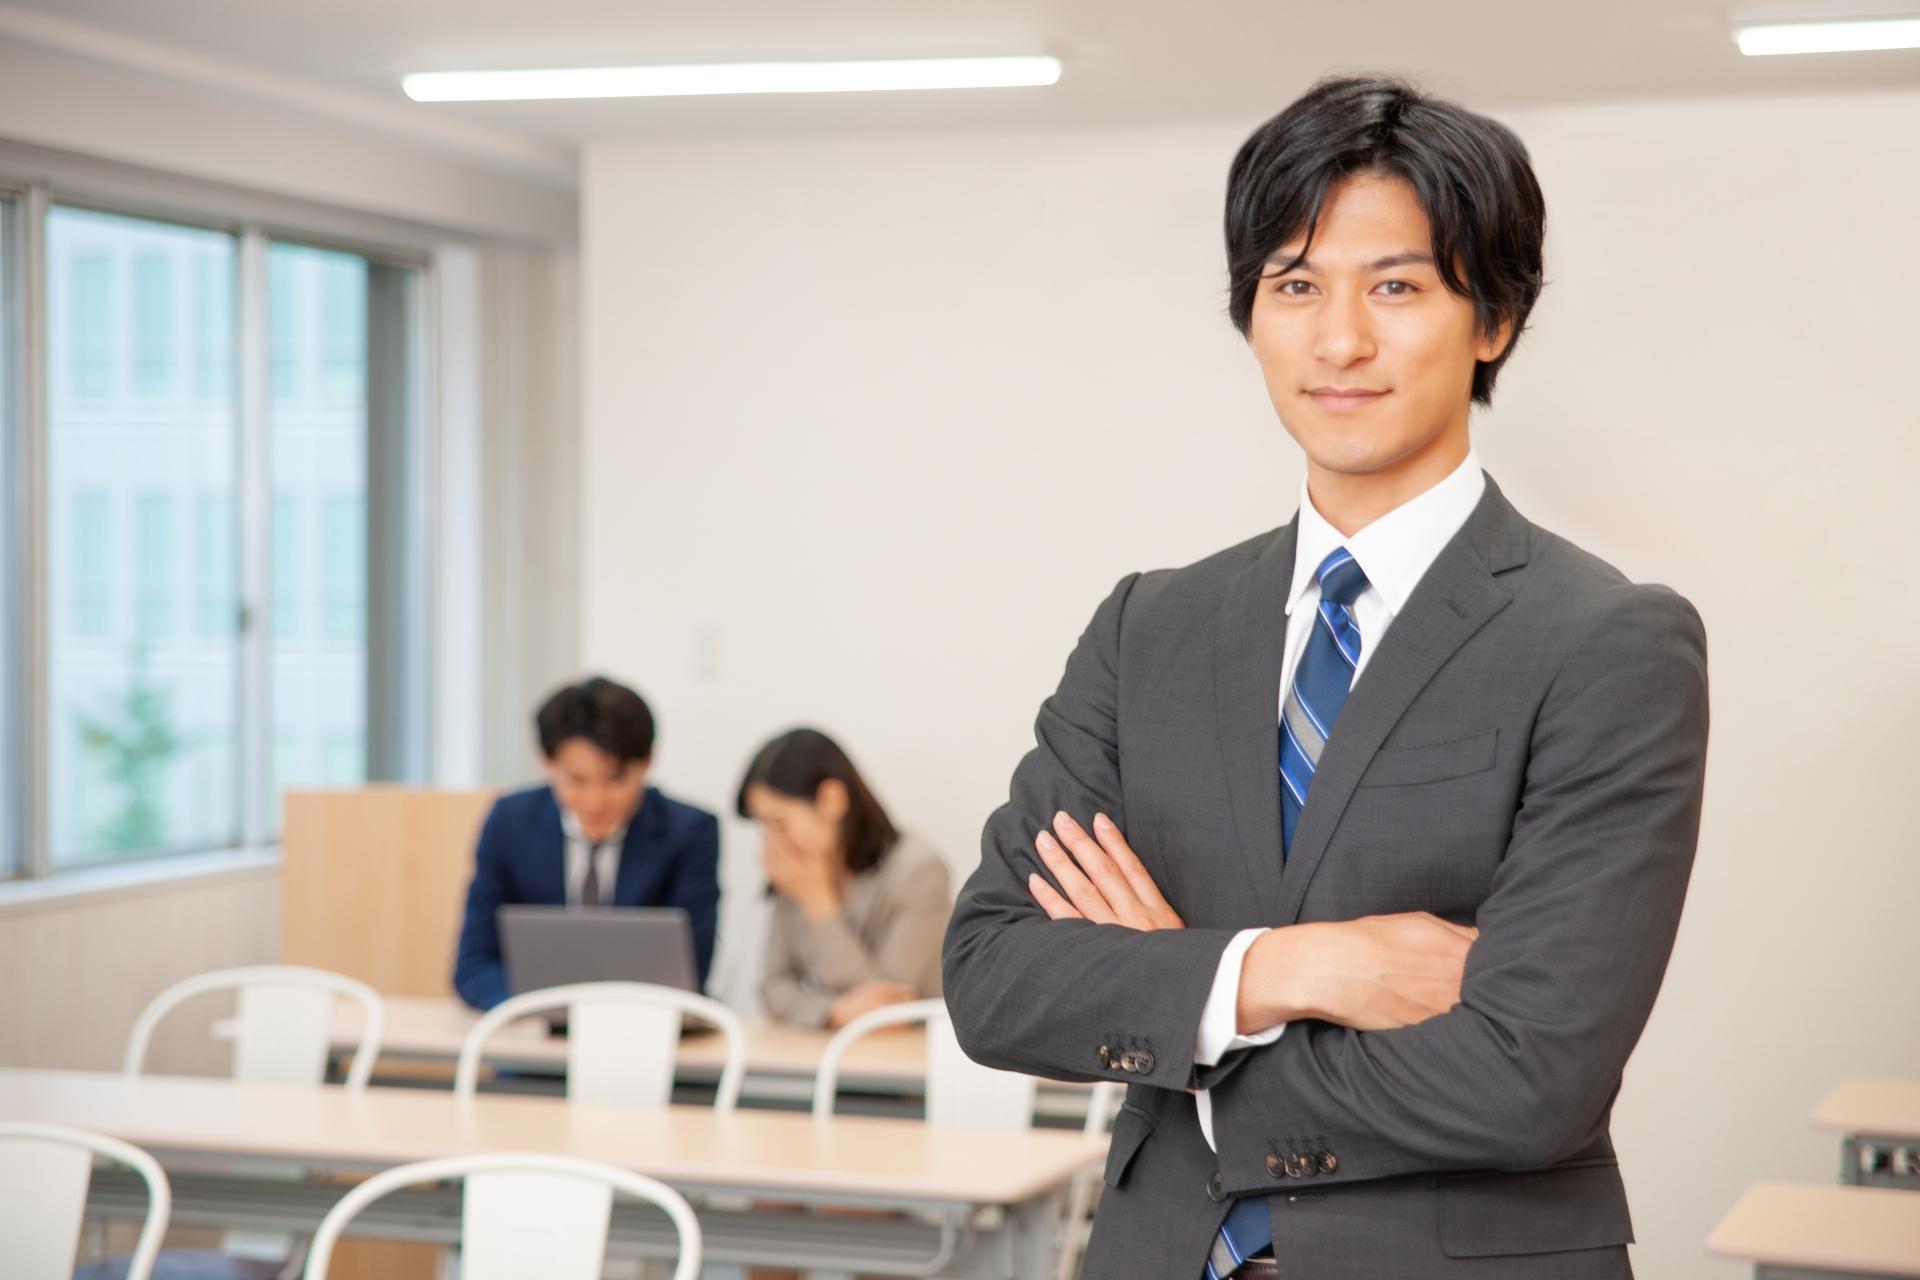 ☆介護の営業職のお仕事内容・なり方・資格要件・給料を調査しました